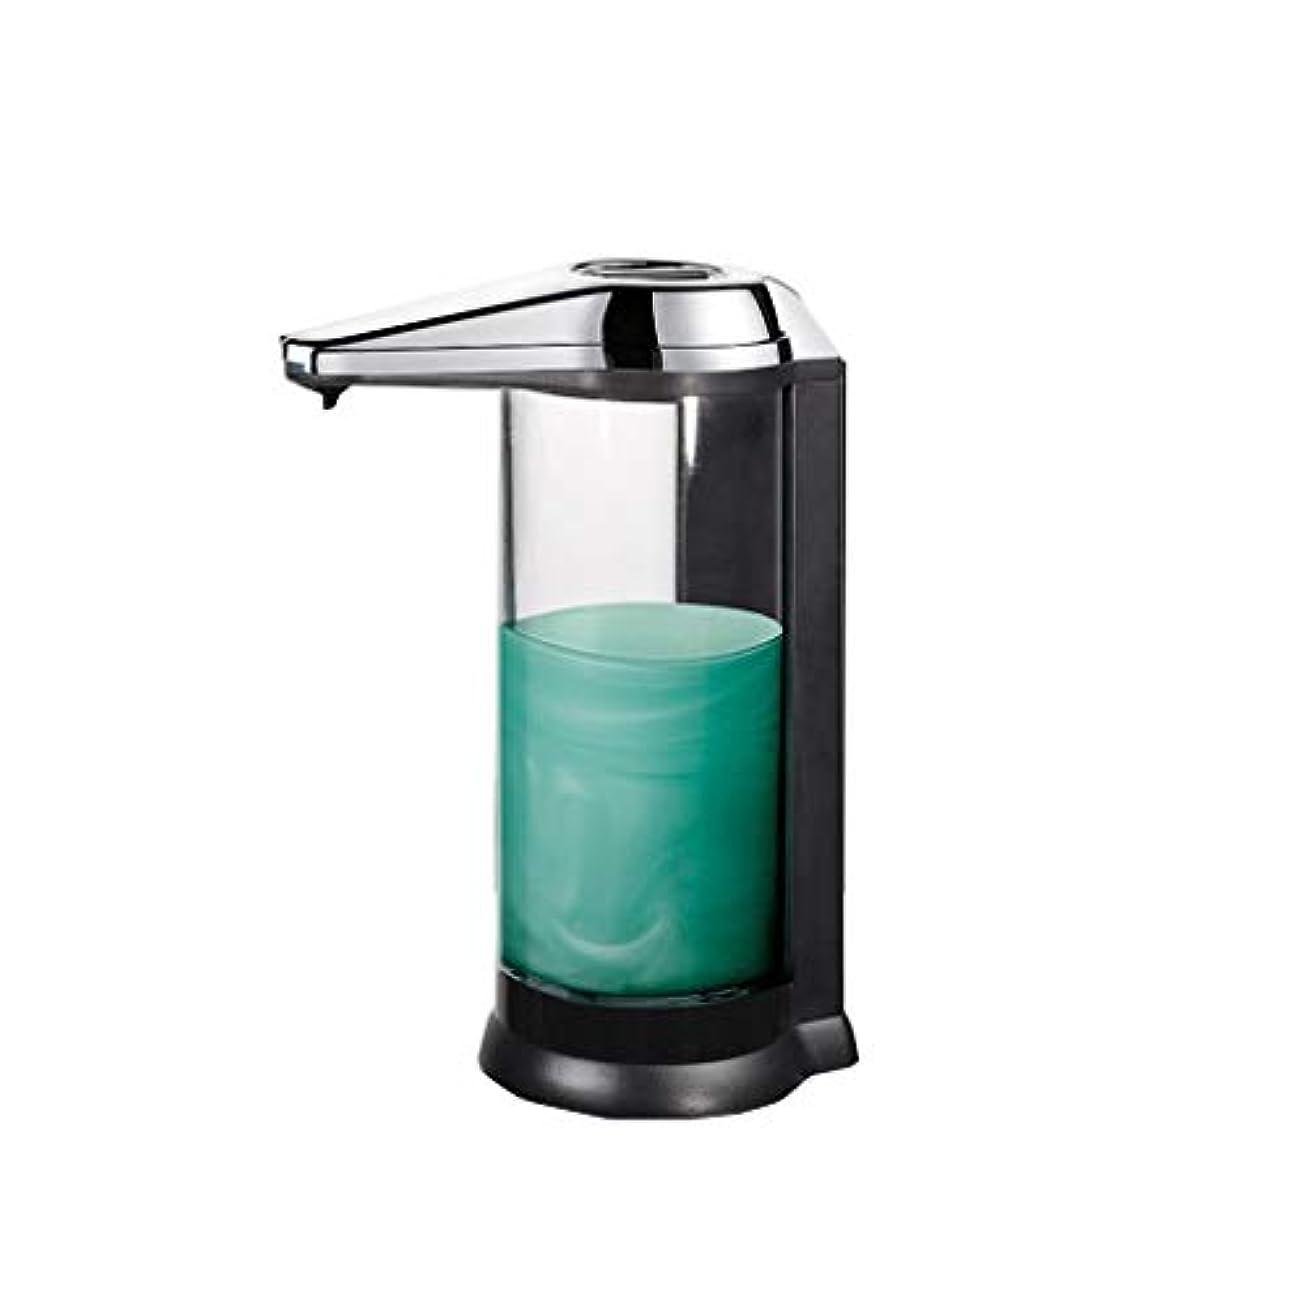 多分輪郭今せっけん ソープディスペンサー自動ソープディスペンサー赤外線モーションセンサー液体ディスペンサー防水リークプルーフ非接触石鹸子供、キッチン、バスルームに適して 新しい